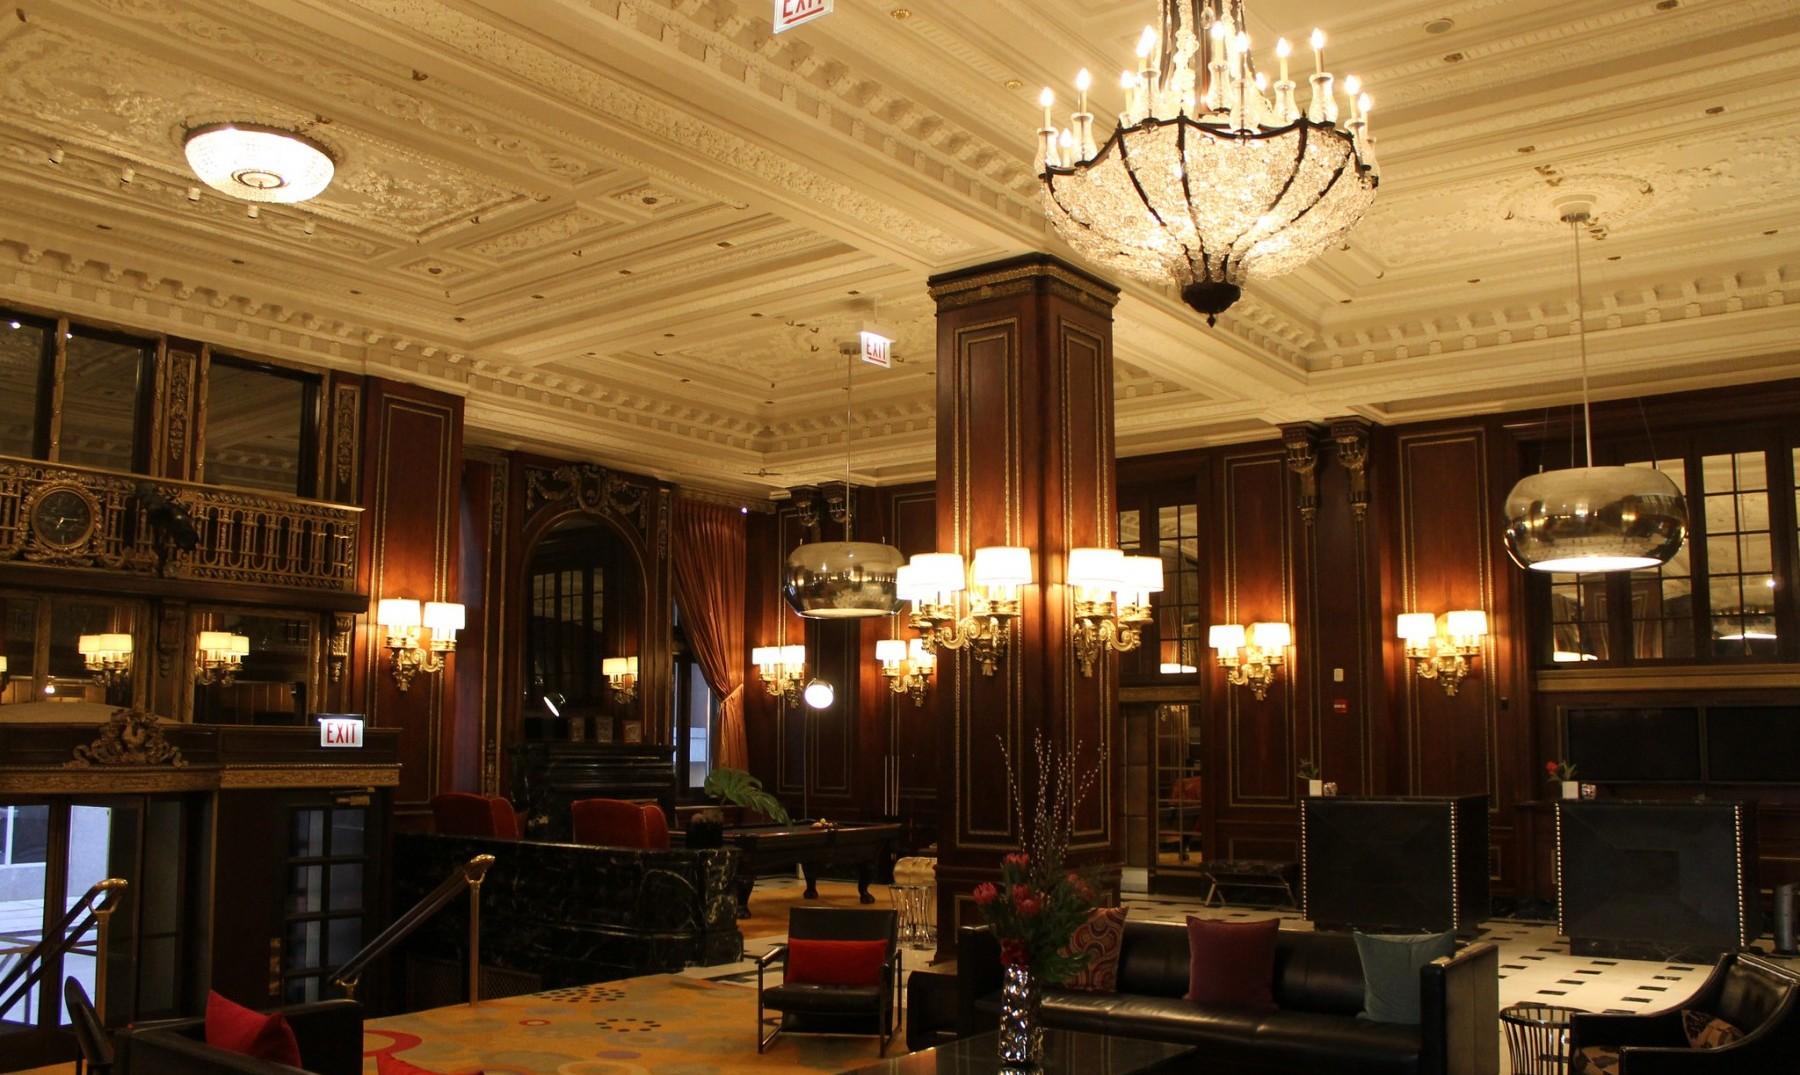 3 bellos hoteles para visitar en chicago el viajero feliz for Hoteles en chicago